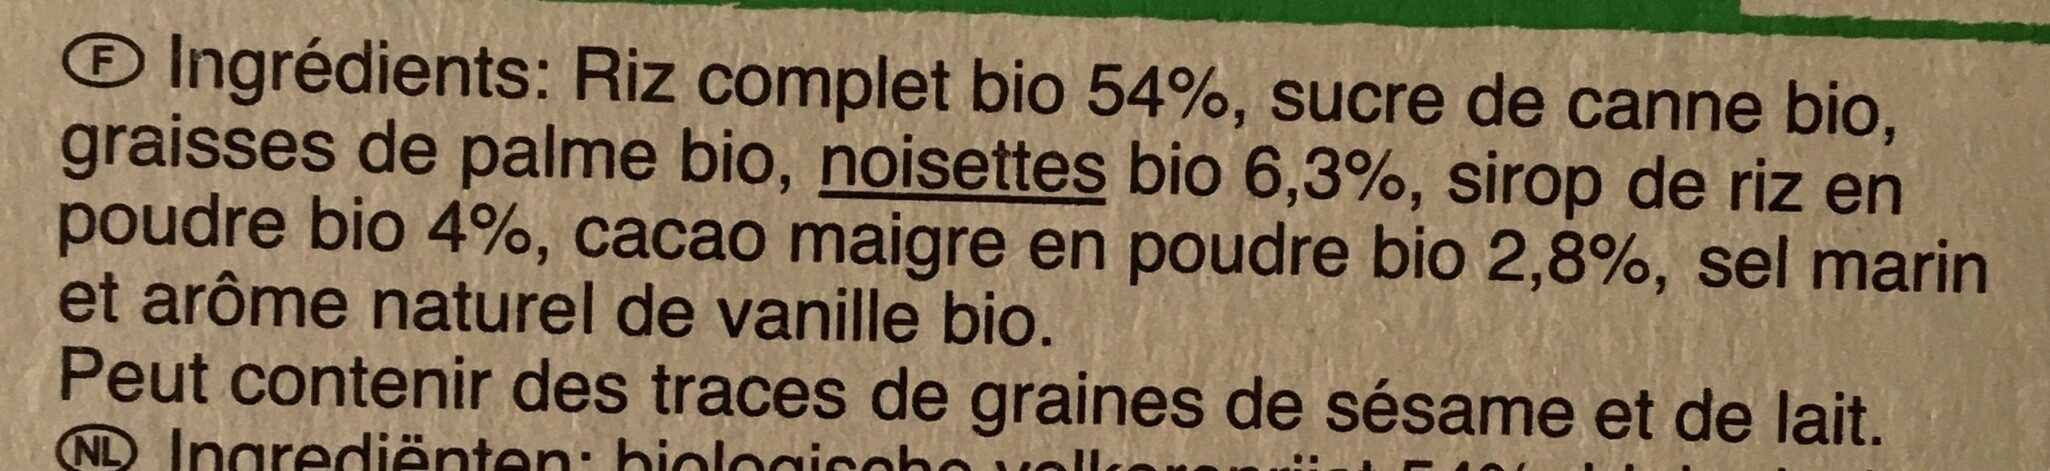 Galettes de riz complet goût choco-noisettes - Ingredients